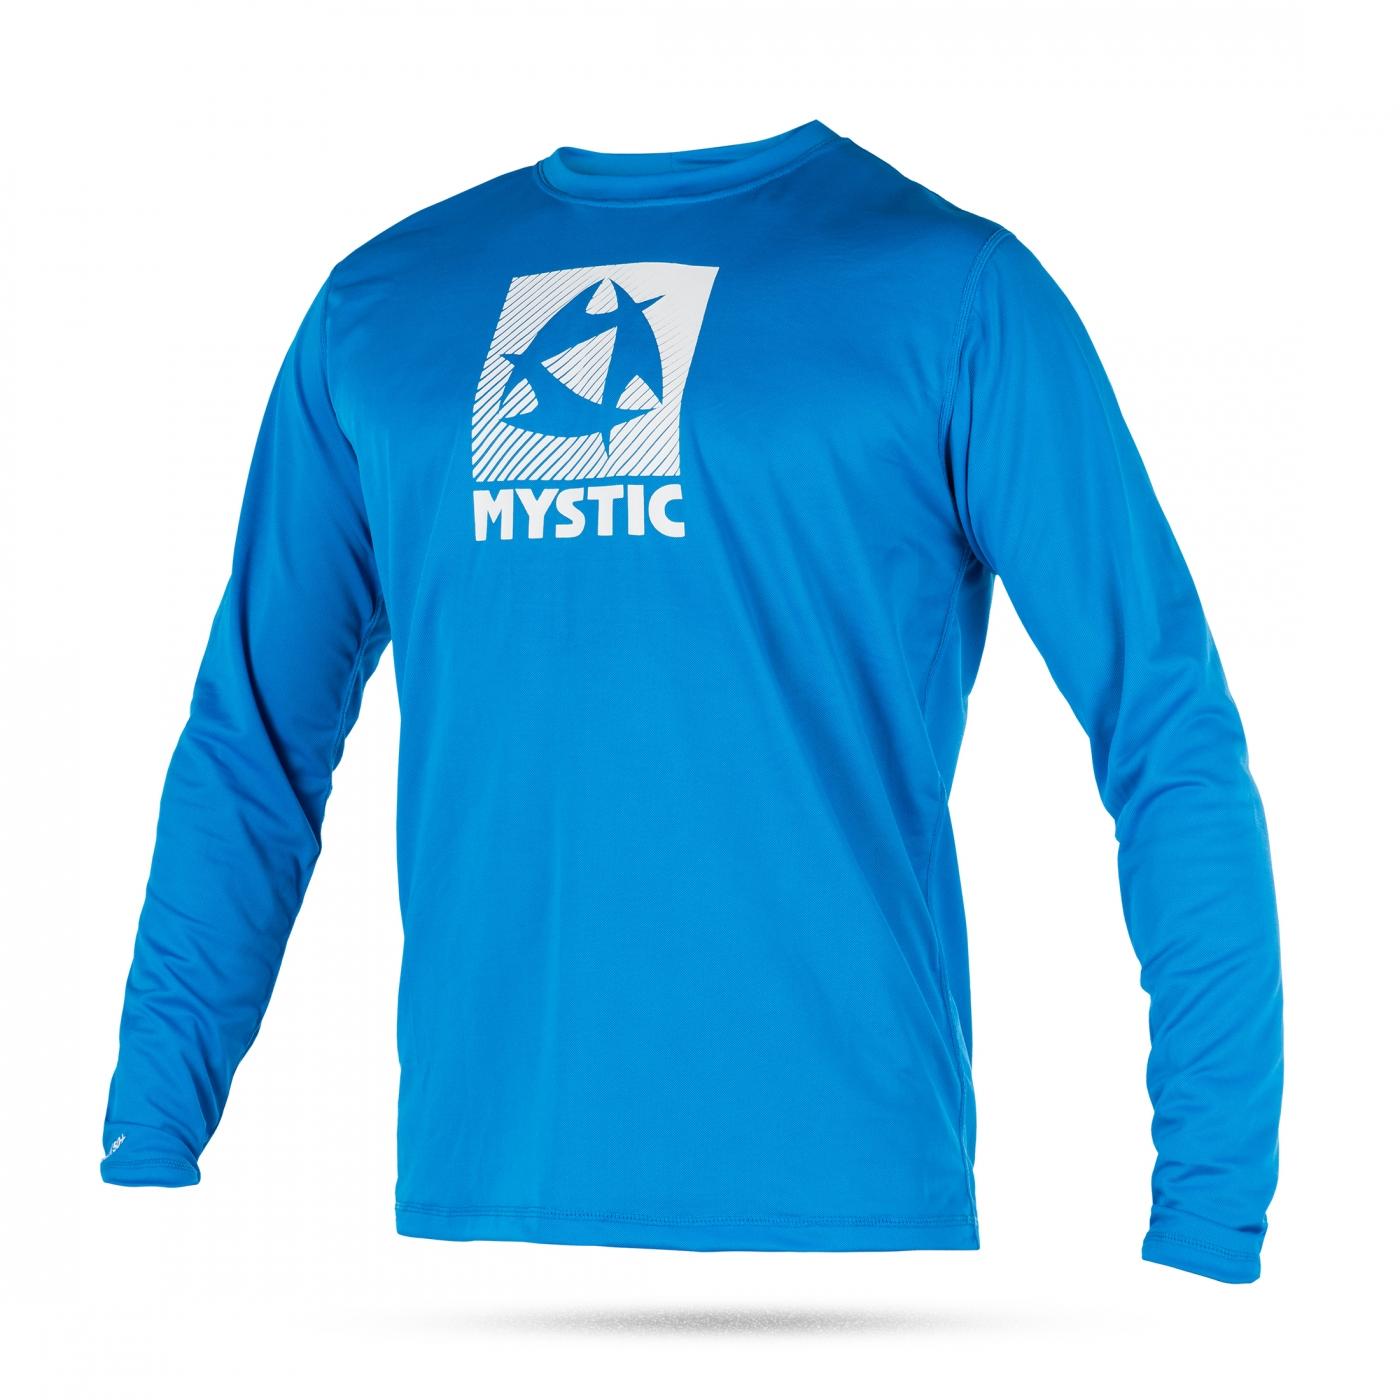 2017 Mystic Star Quick Dry särk P/V Blue